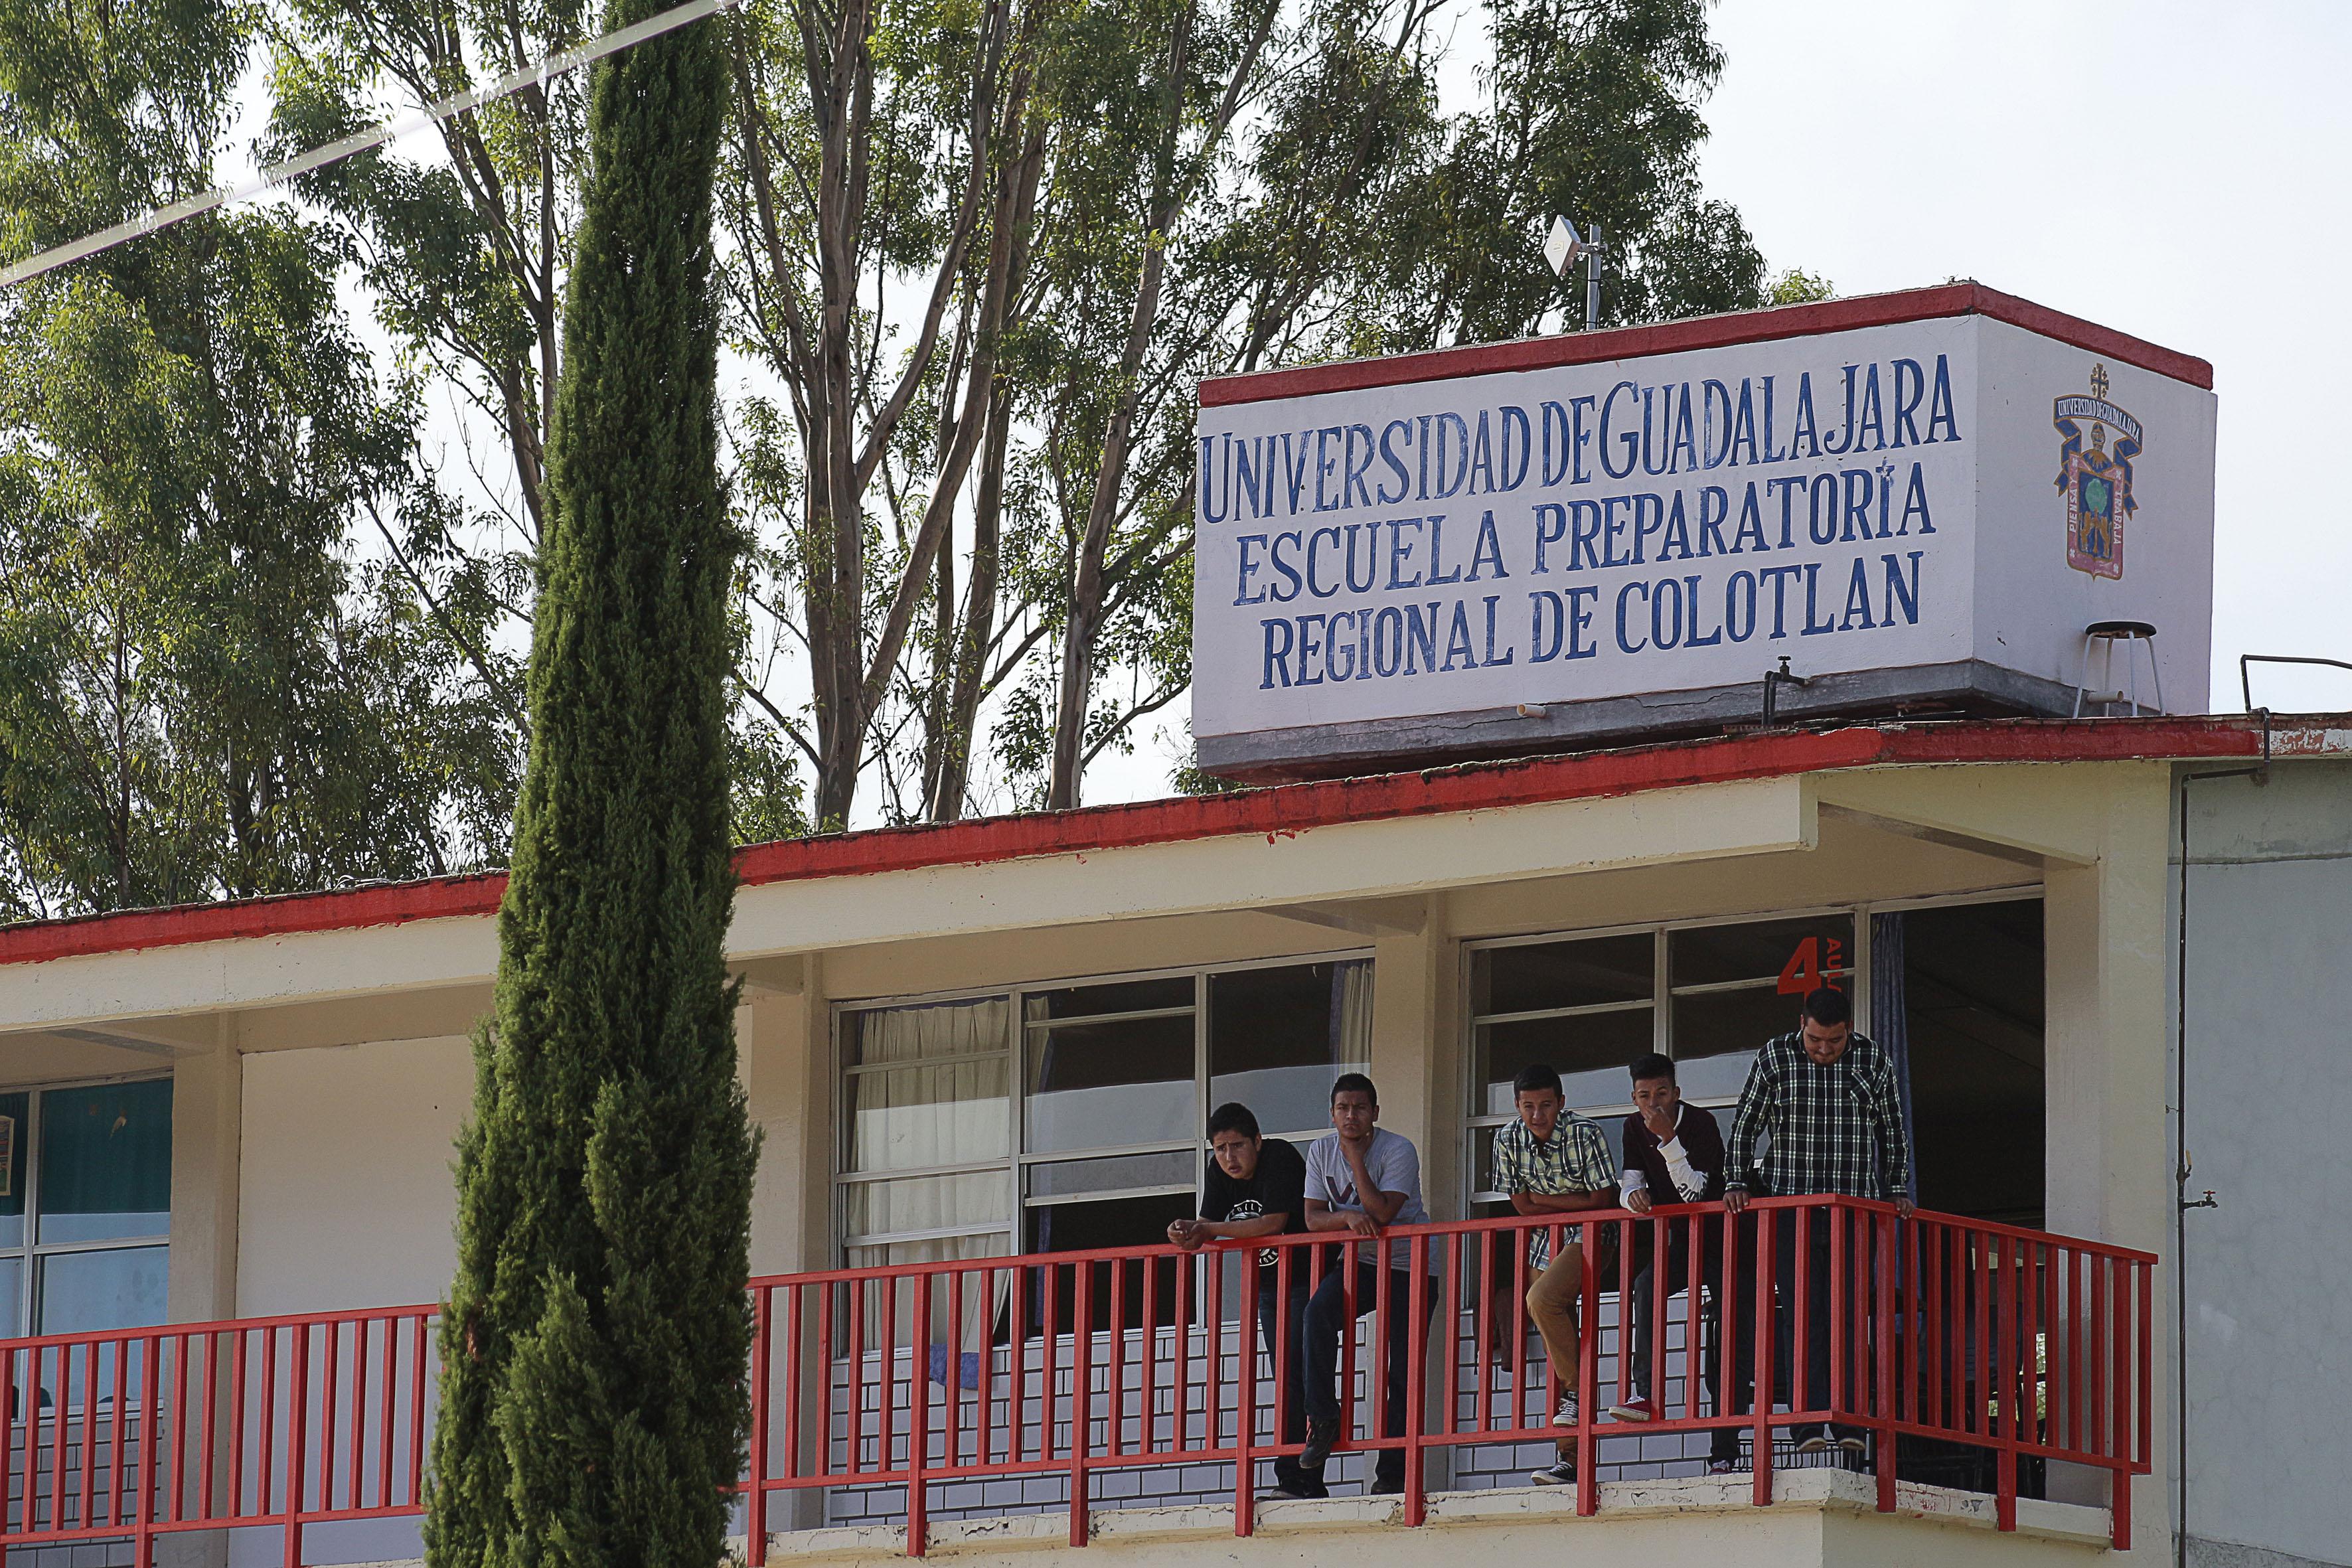 Ingreso principal de la preparatoria de Colotlan, Jalisco.